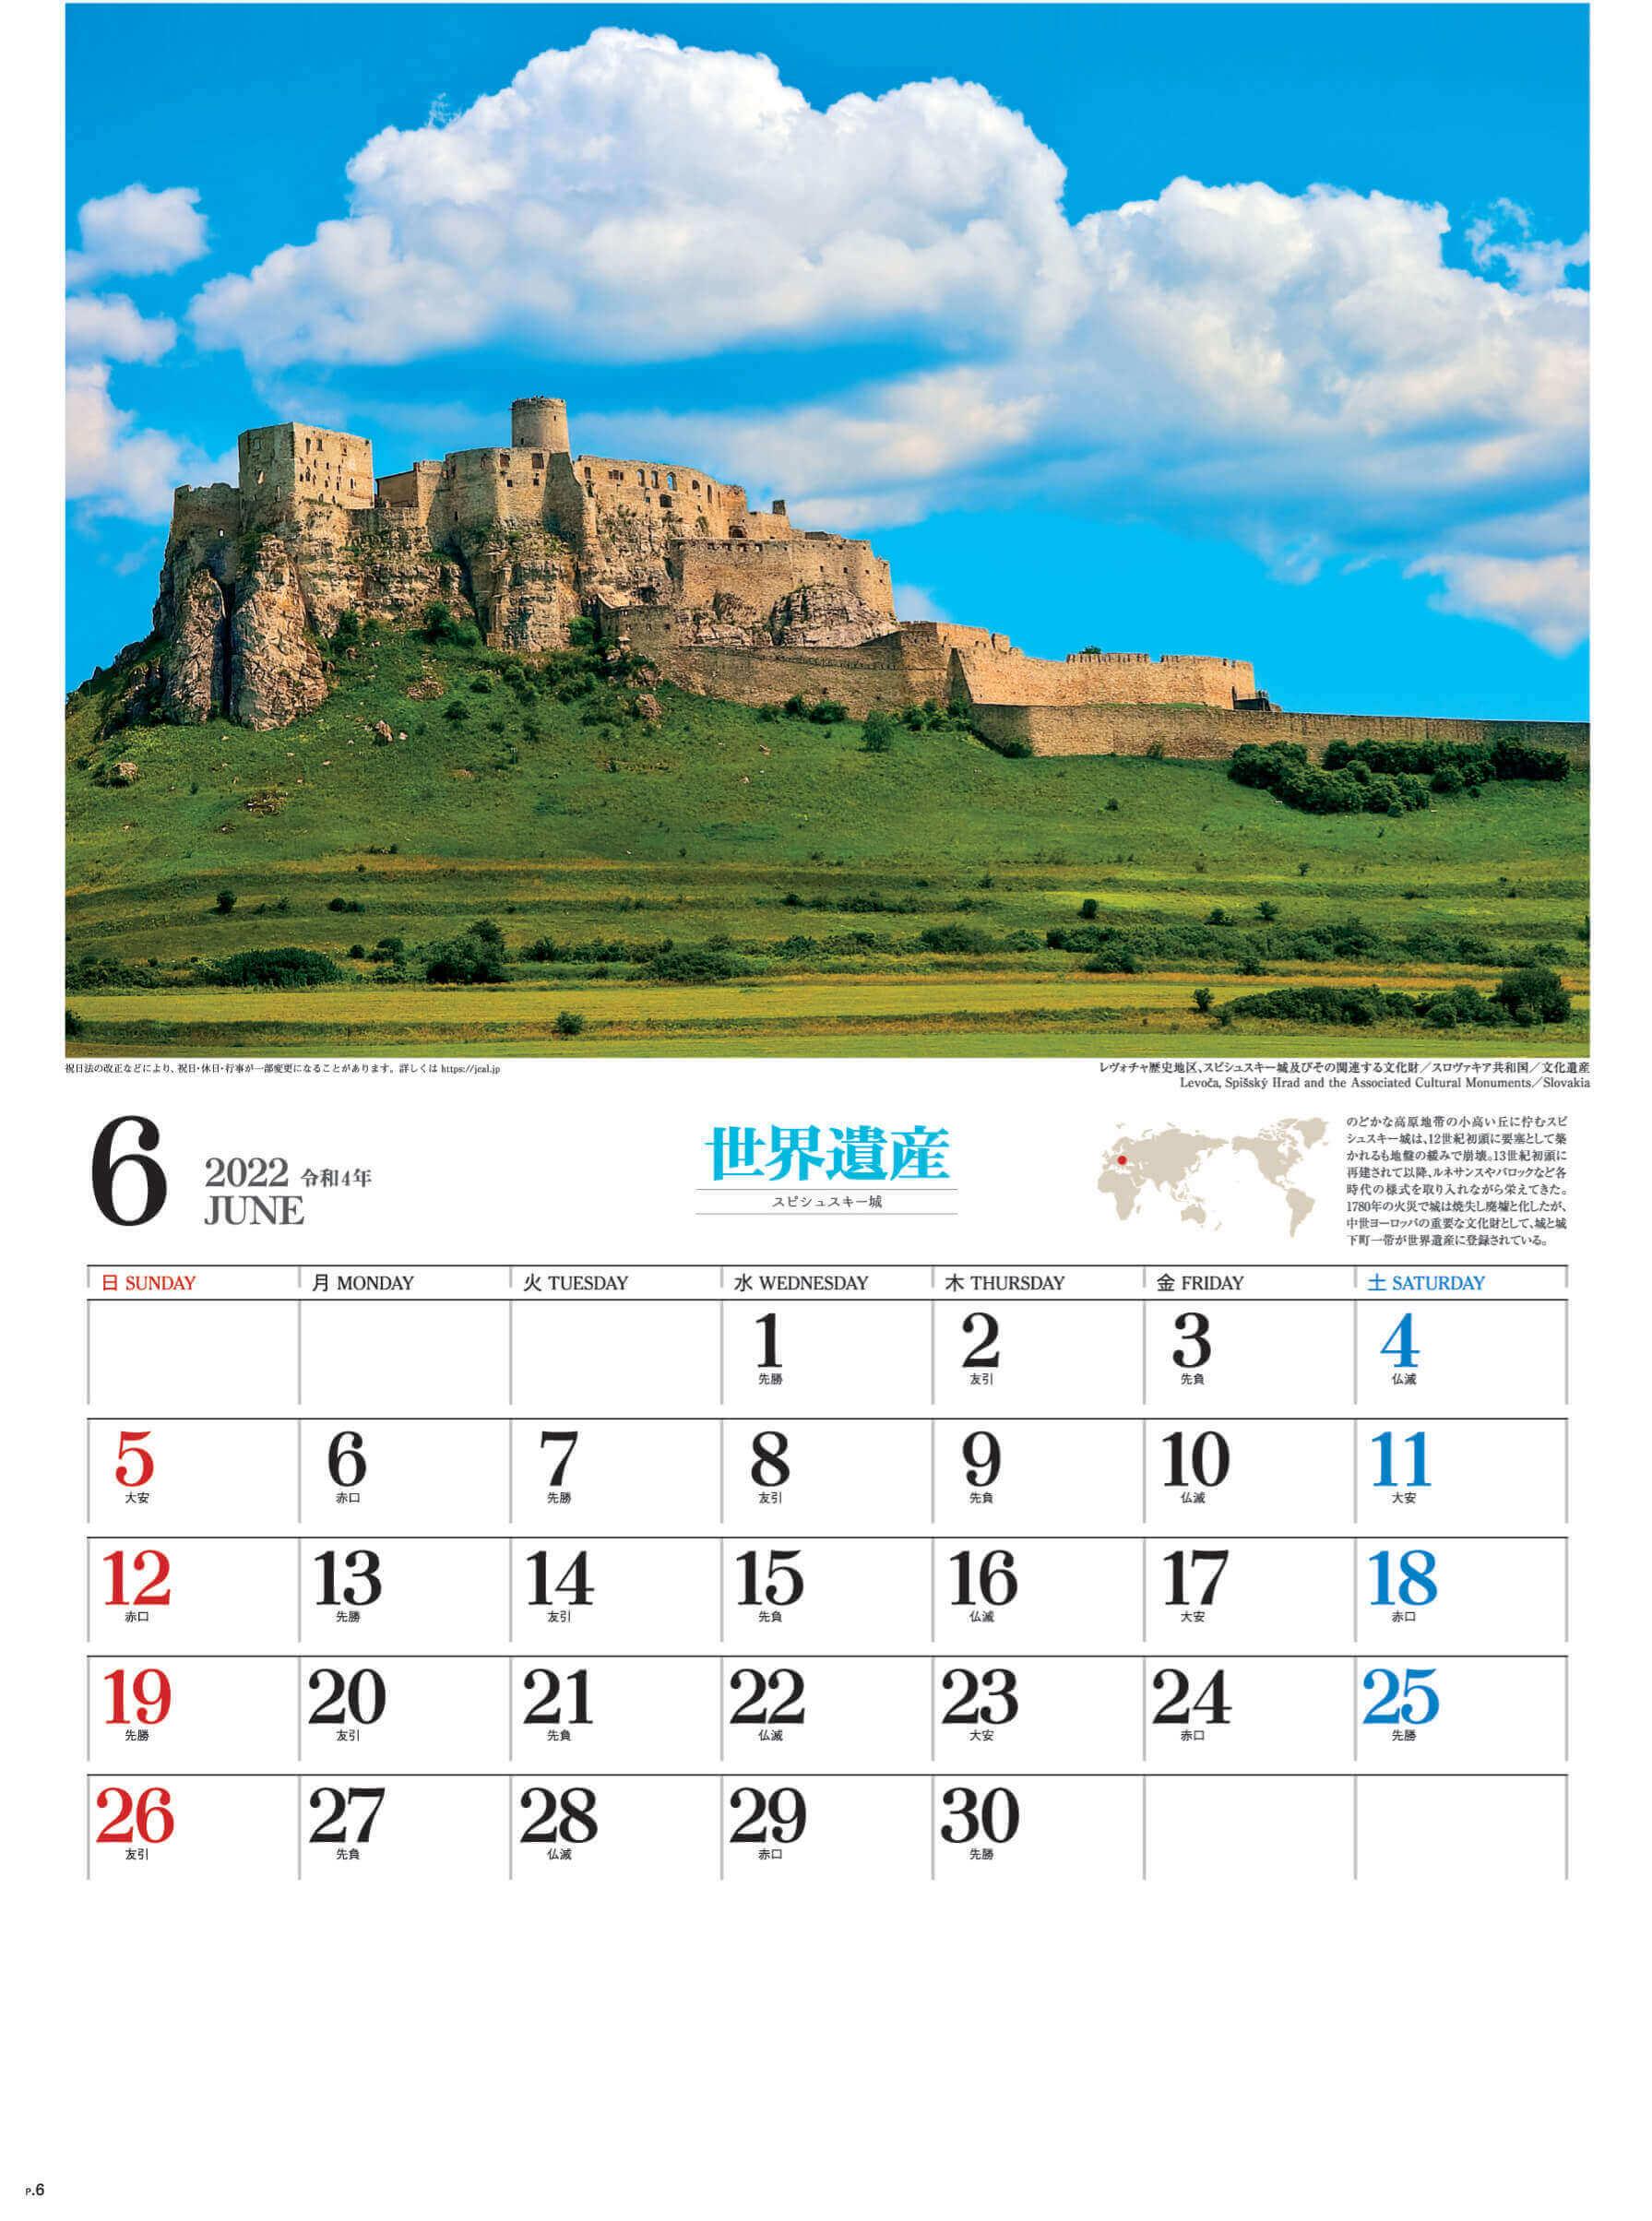 6月 スピシュスキー城 スロバキア ユネスコ世界遺産 2022年カレンダーの画像